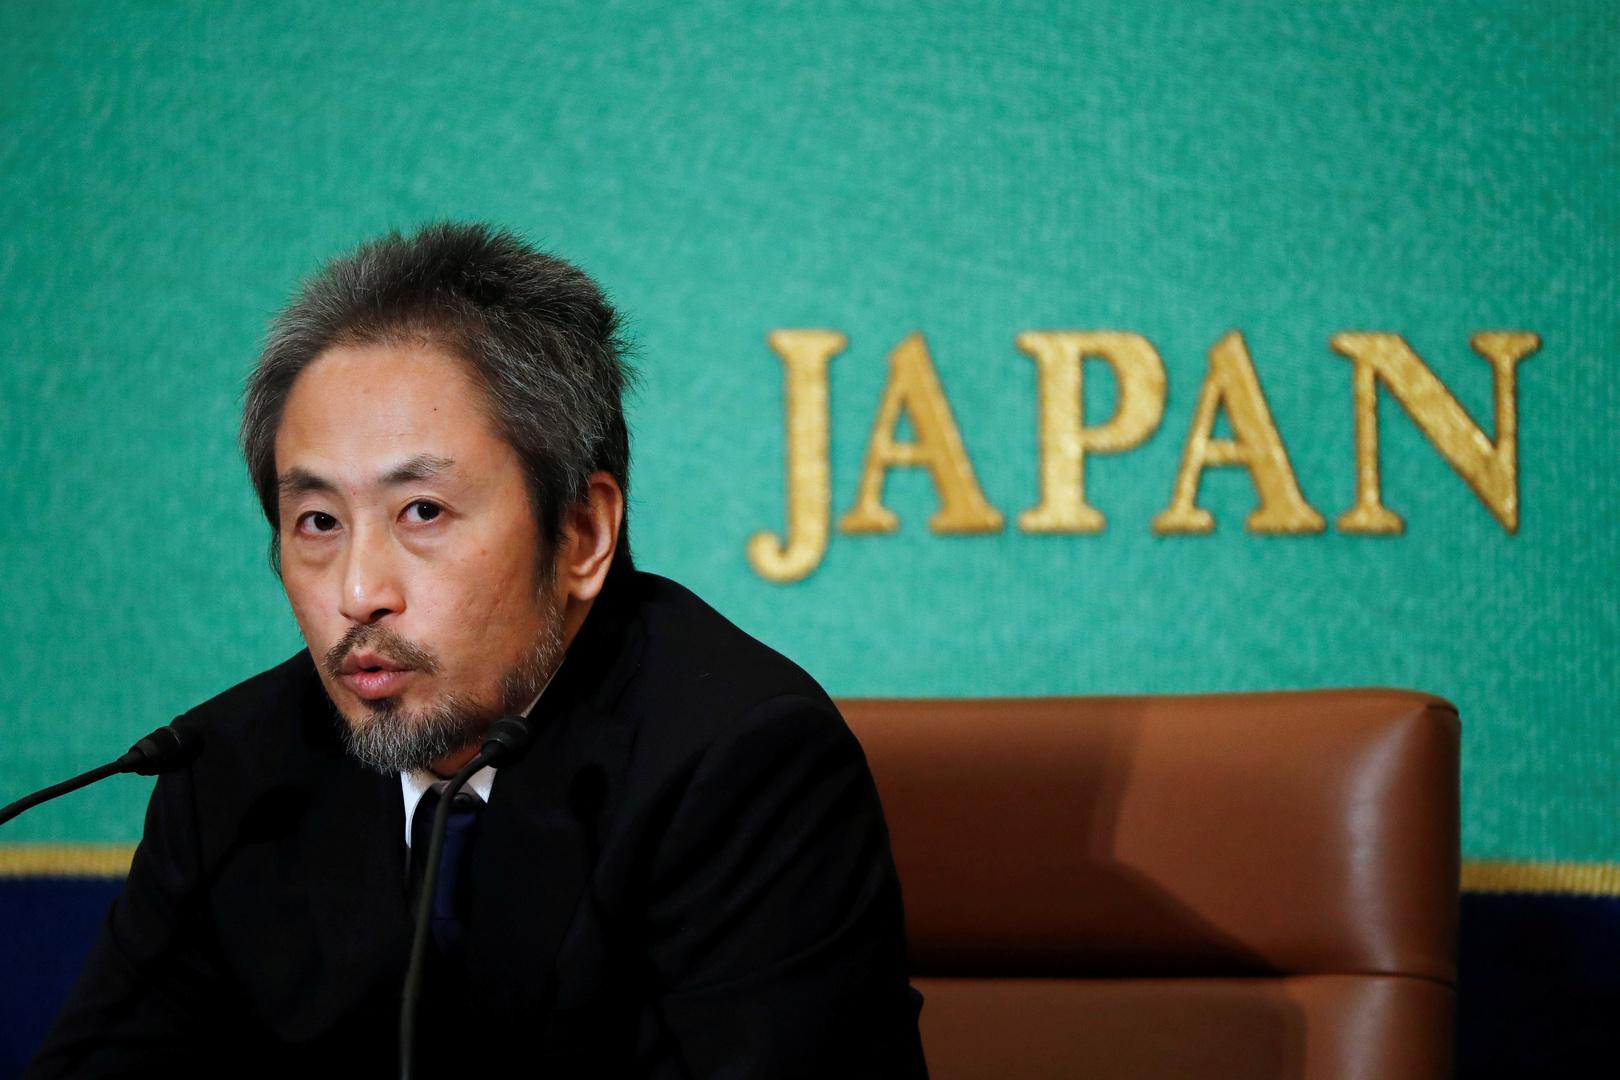 صحفي ياباني أُسر في سوريا يرفع قضية ضد حكومة بلاده